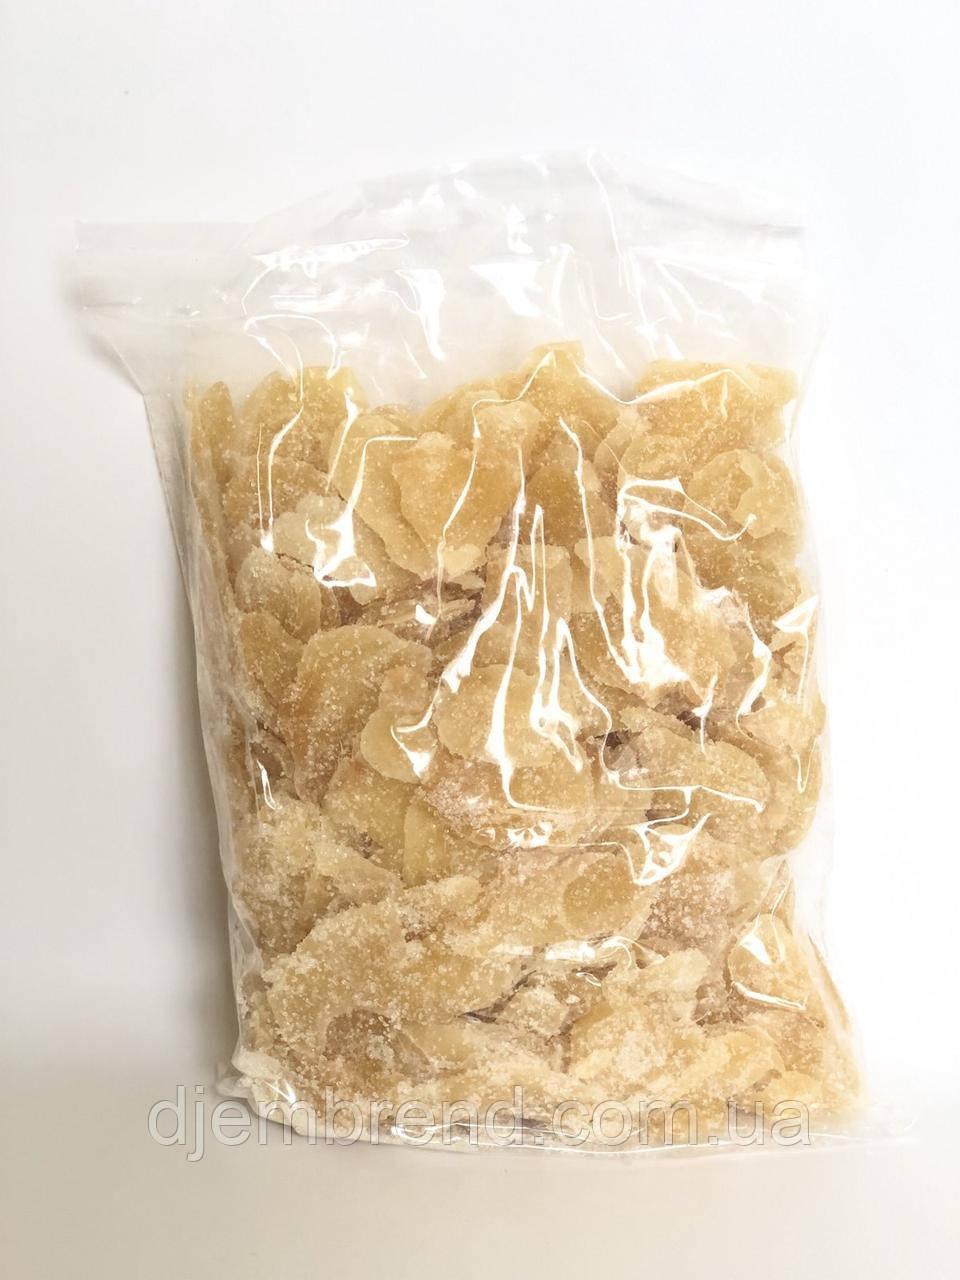 Имбирь в Сахаре (цукаты имбиря), 1кг